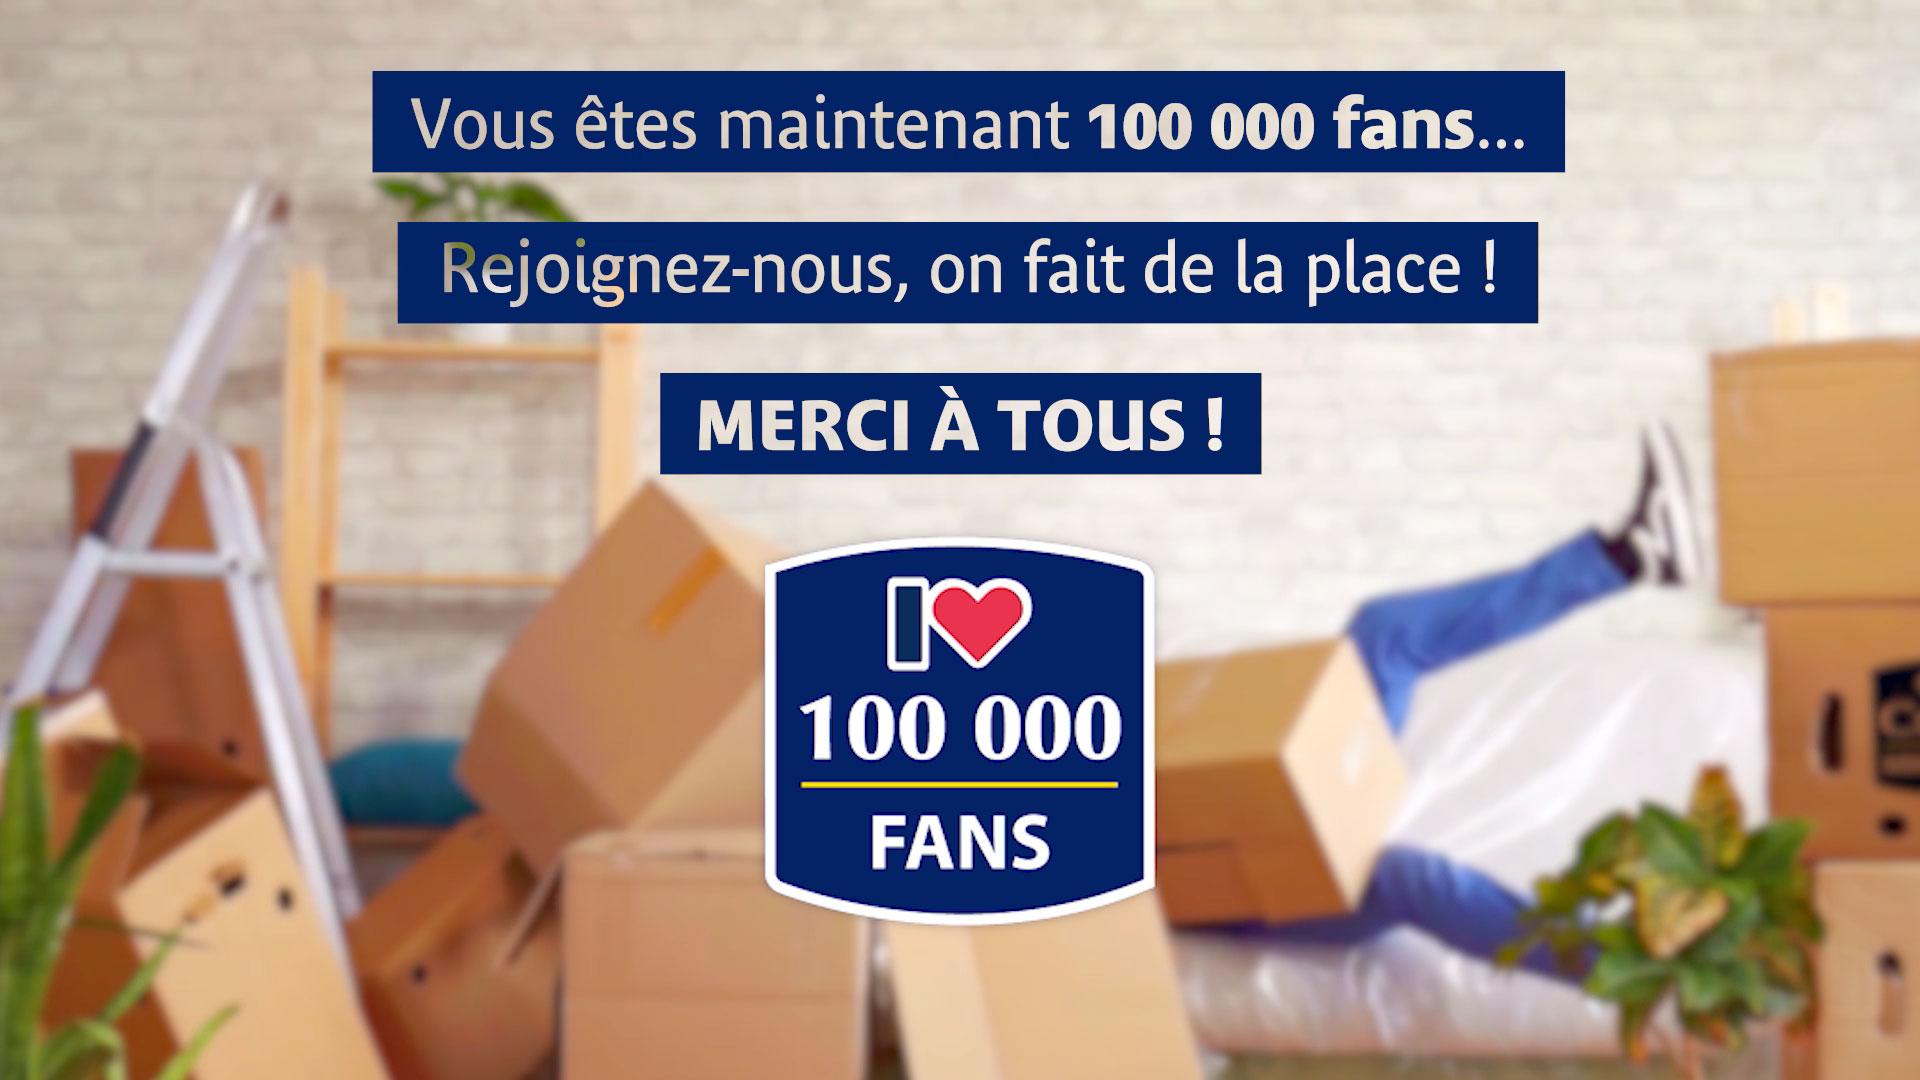 Citya remercie ses 100 000 fans sur Facebook